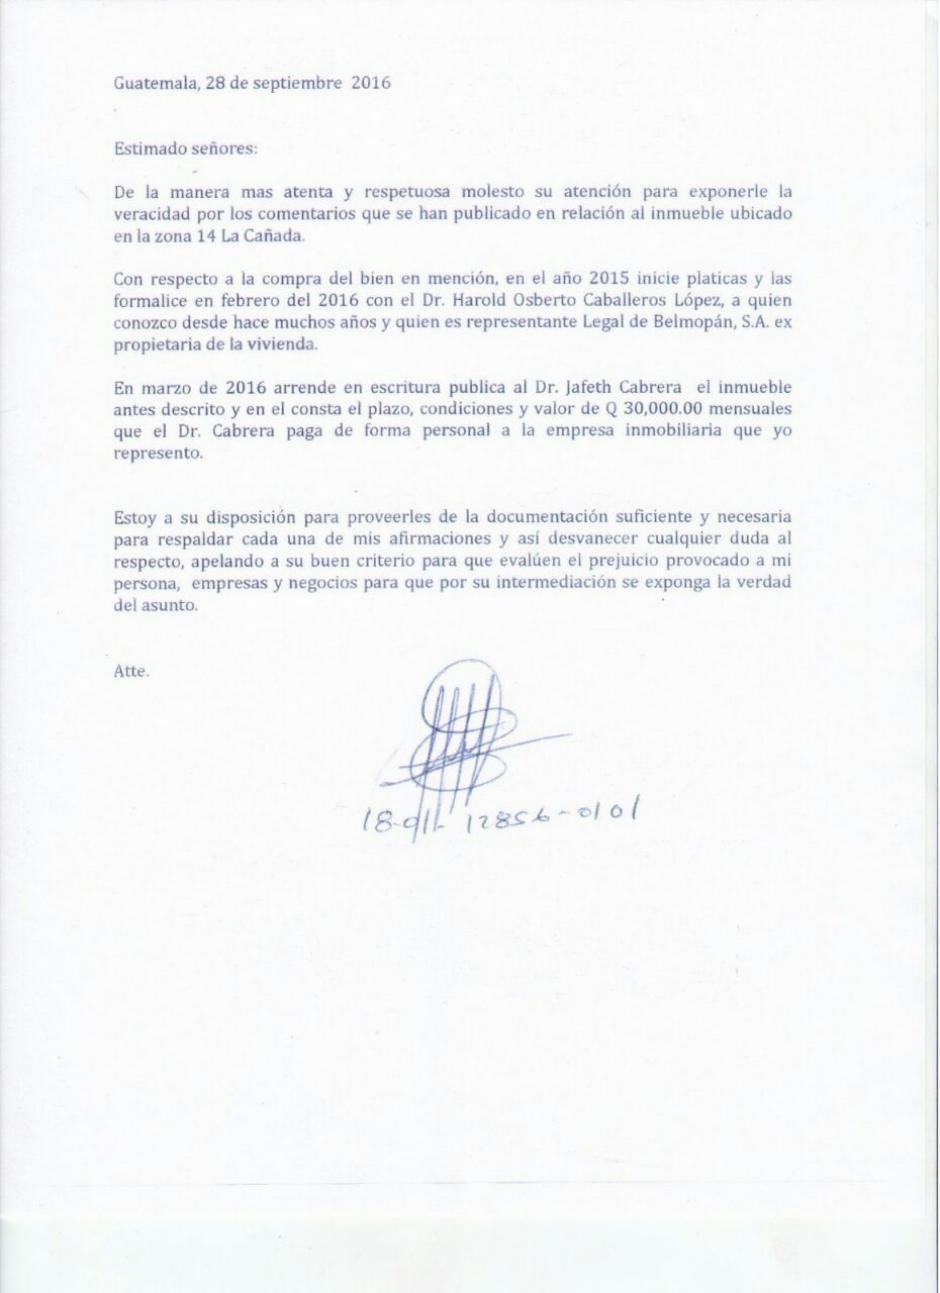 Con esta carta, la Vicepresidencia justifica la vivienda de Jafeth Cabrera.